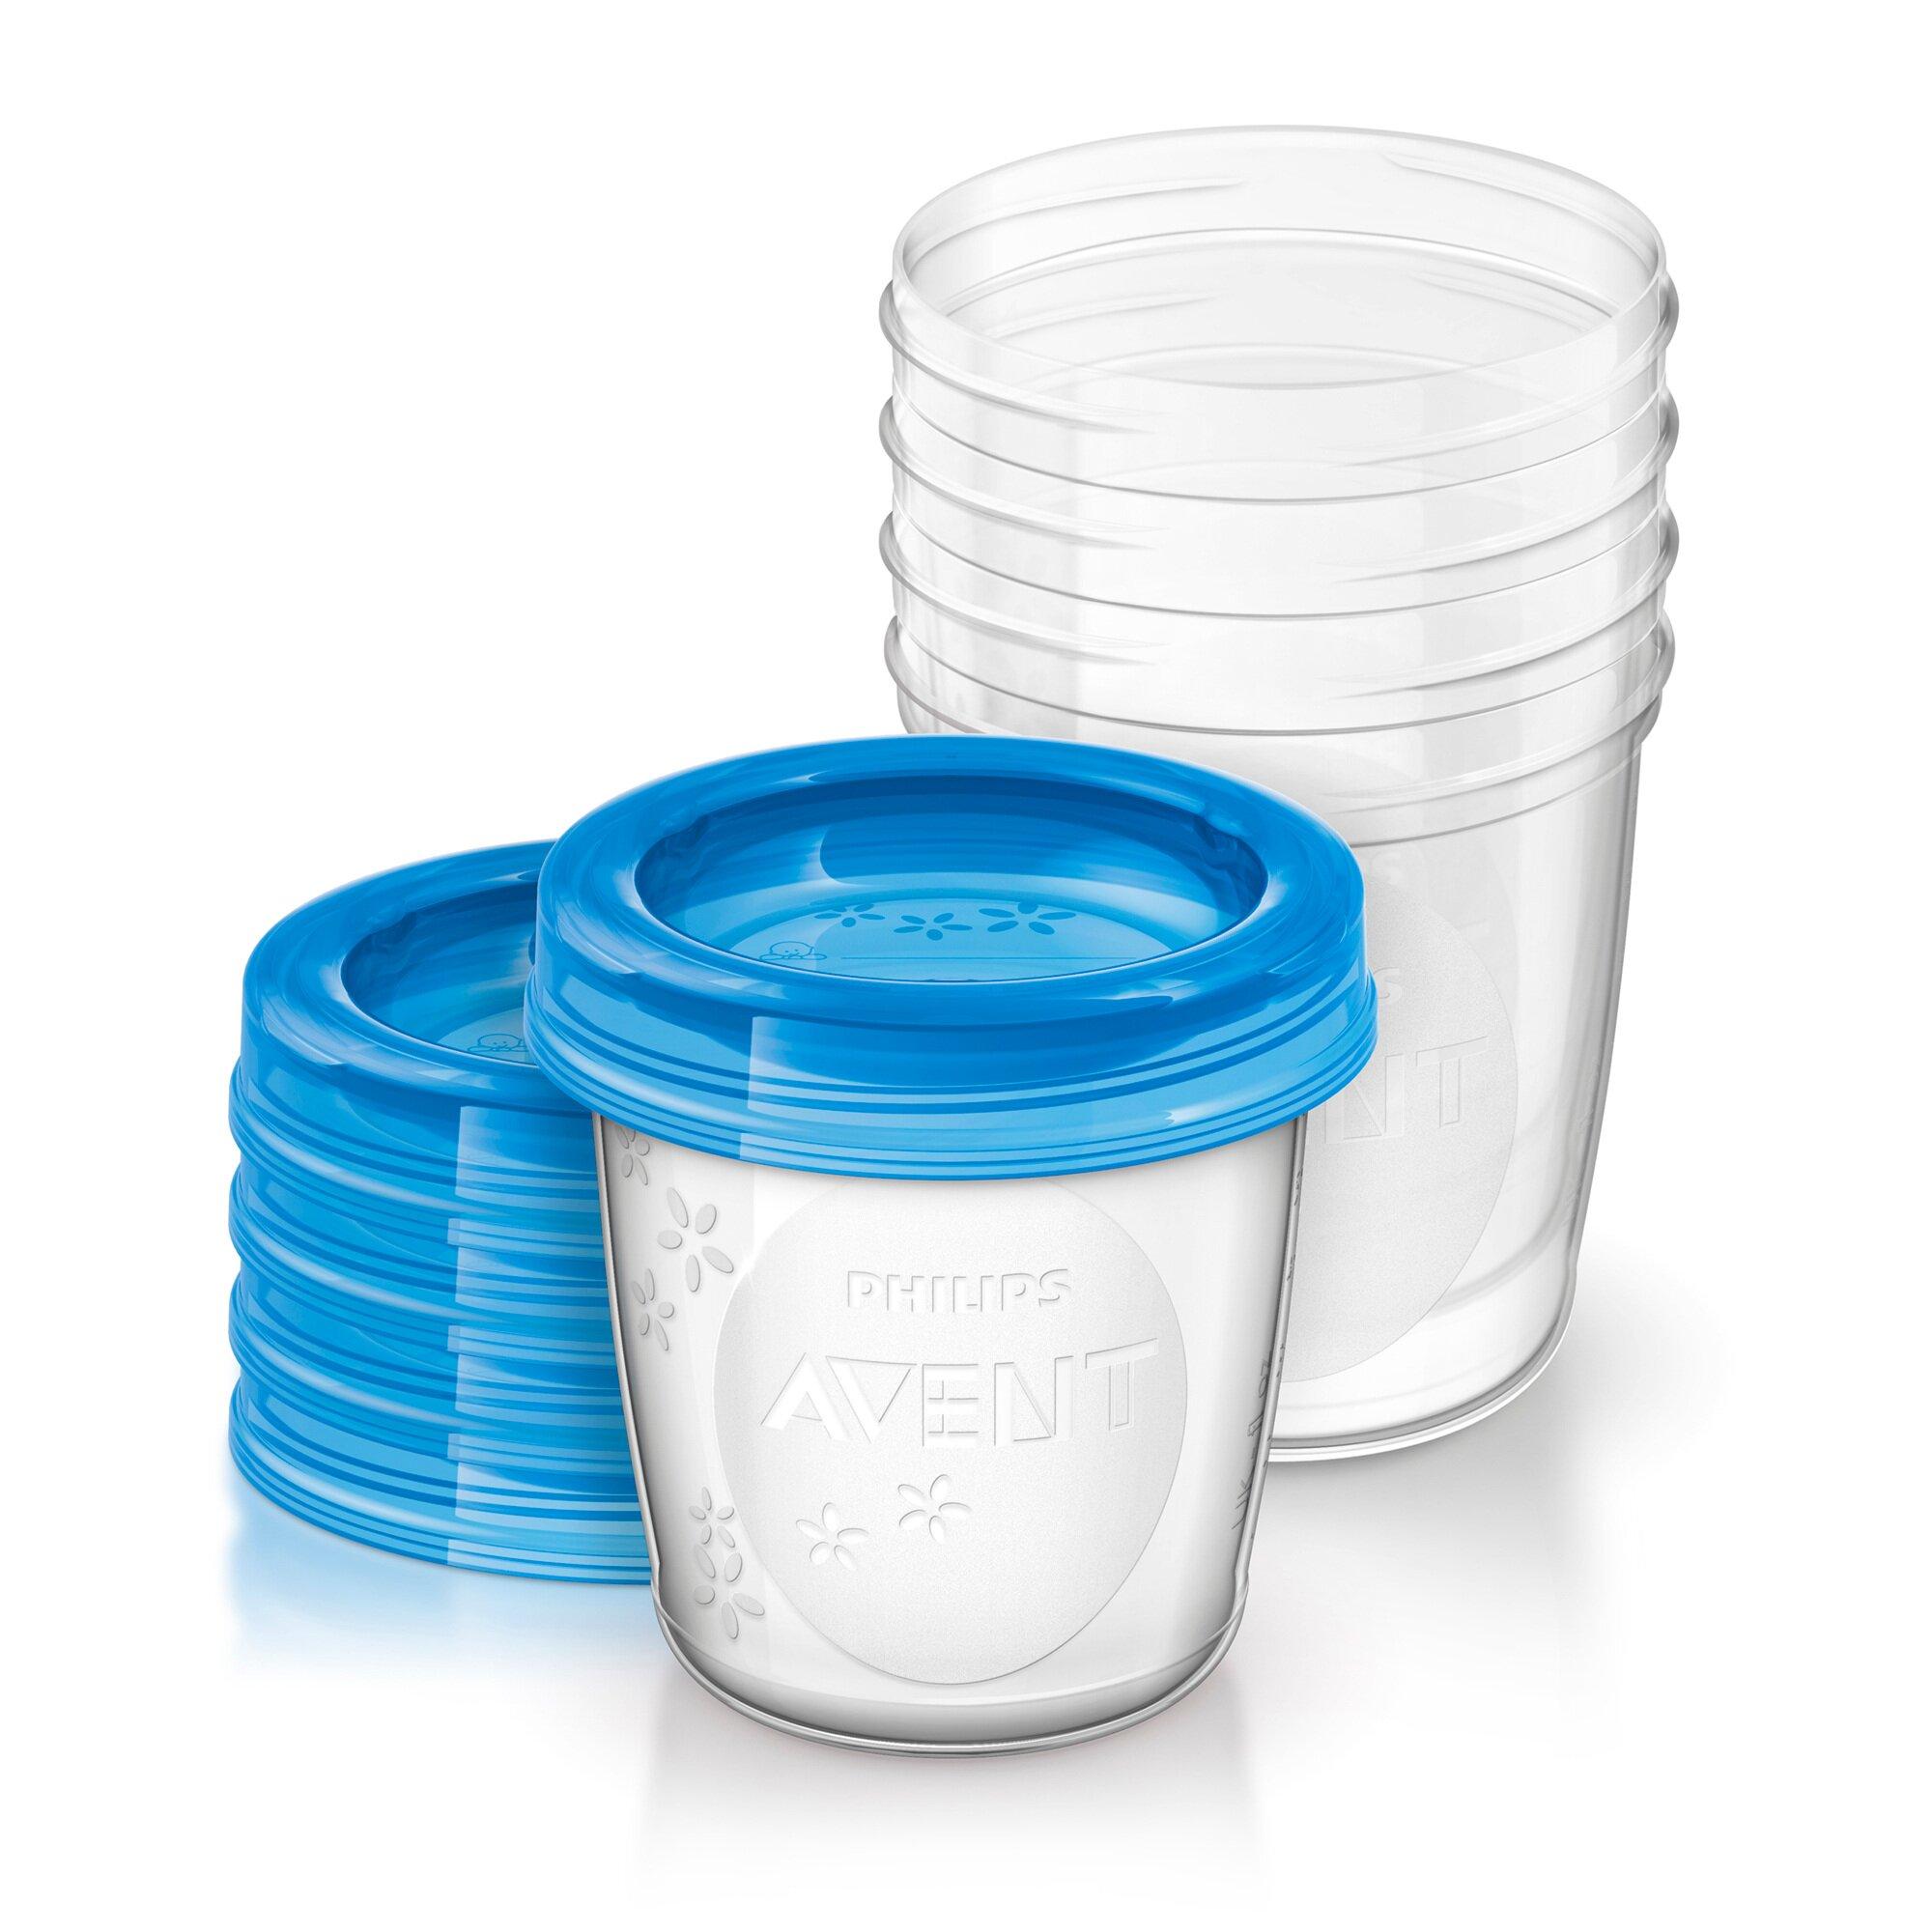 Philips Avent Aufbewahrungsbecher für Muttermilch, SCF619/05, 5x180ml Becher